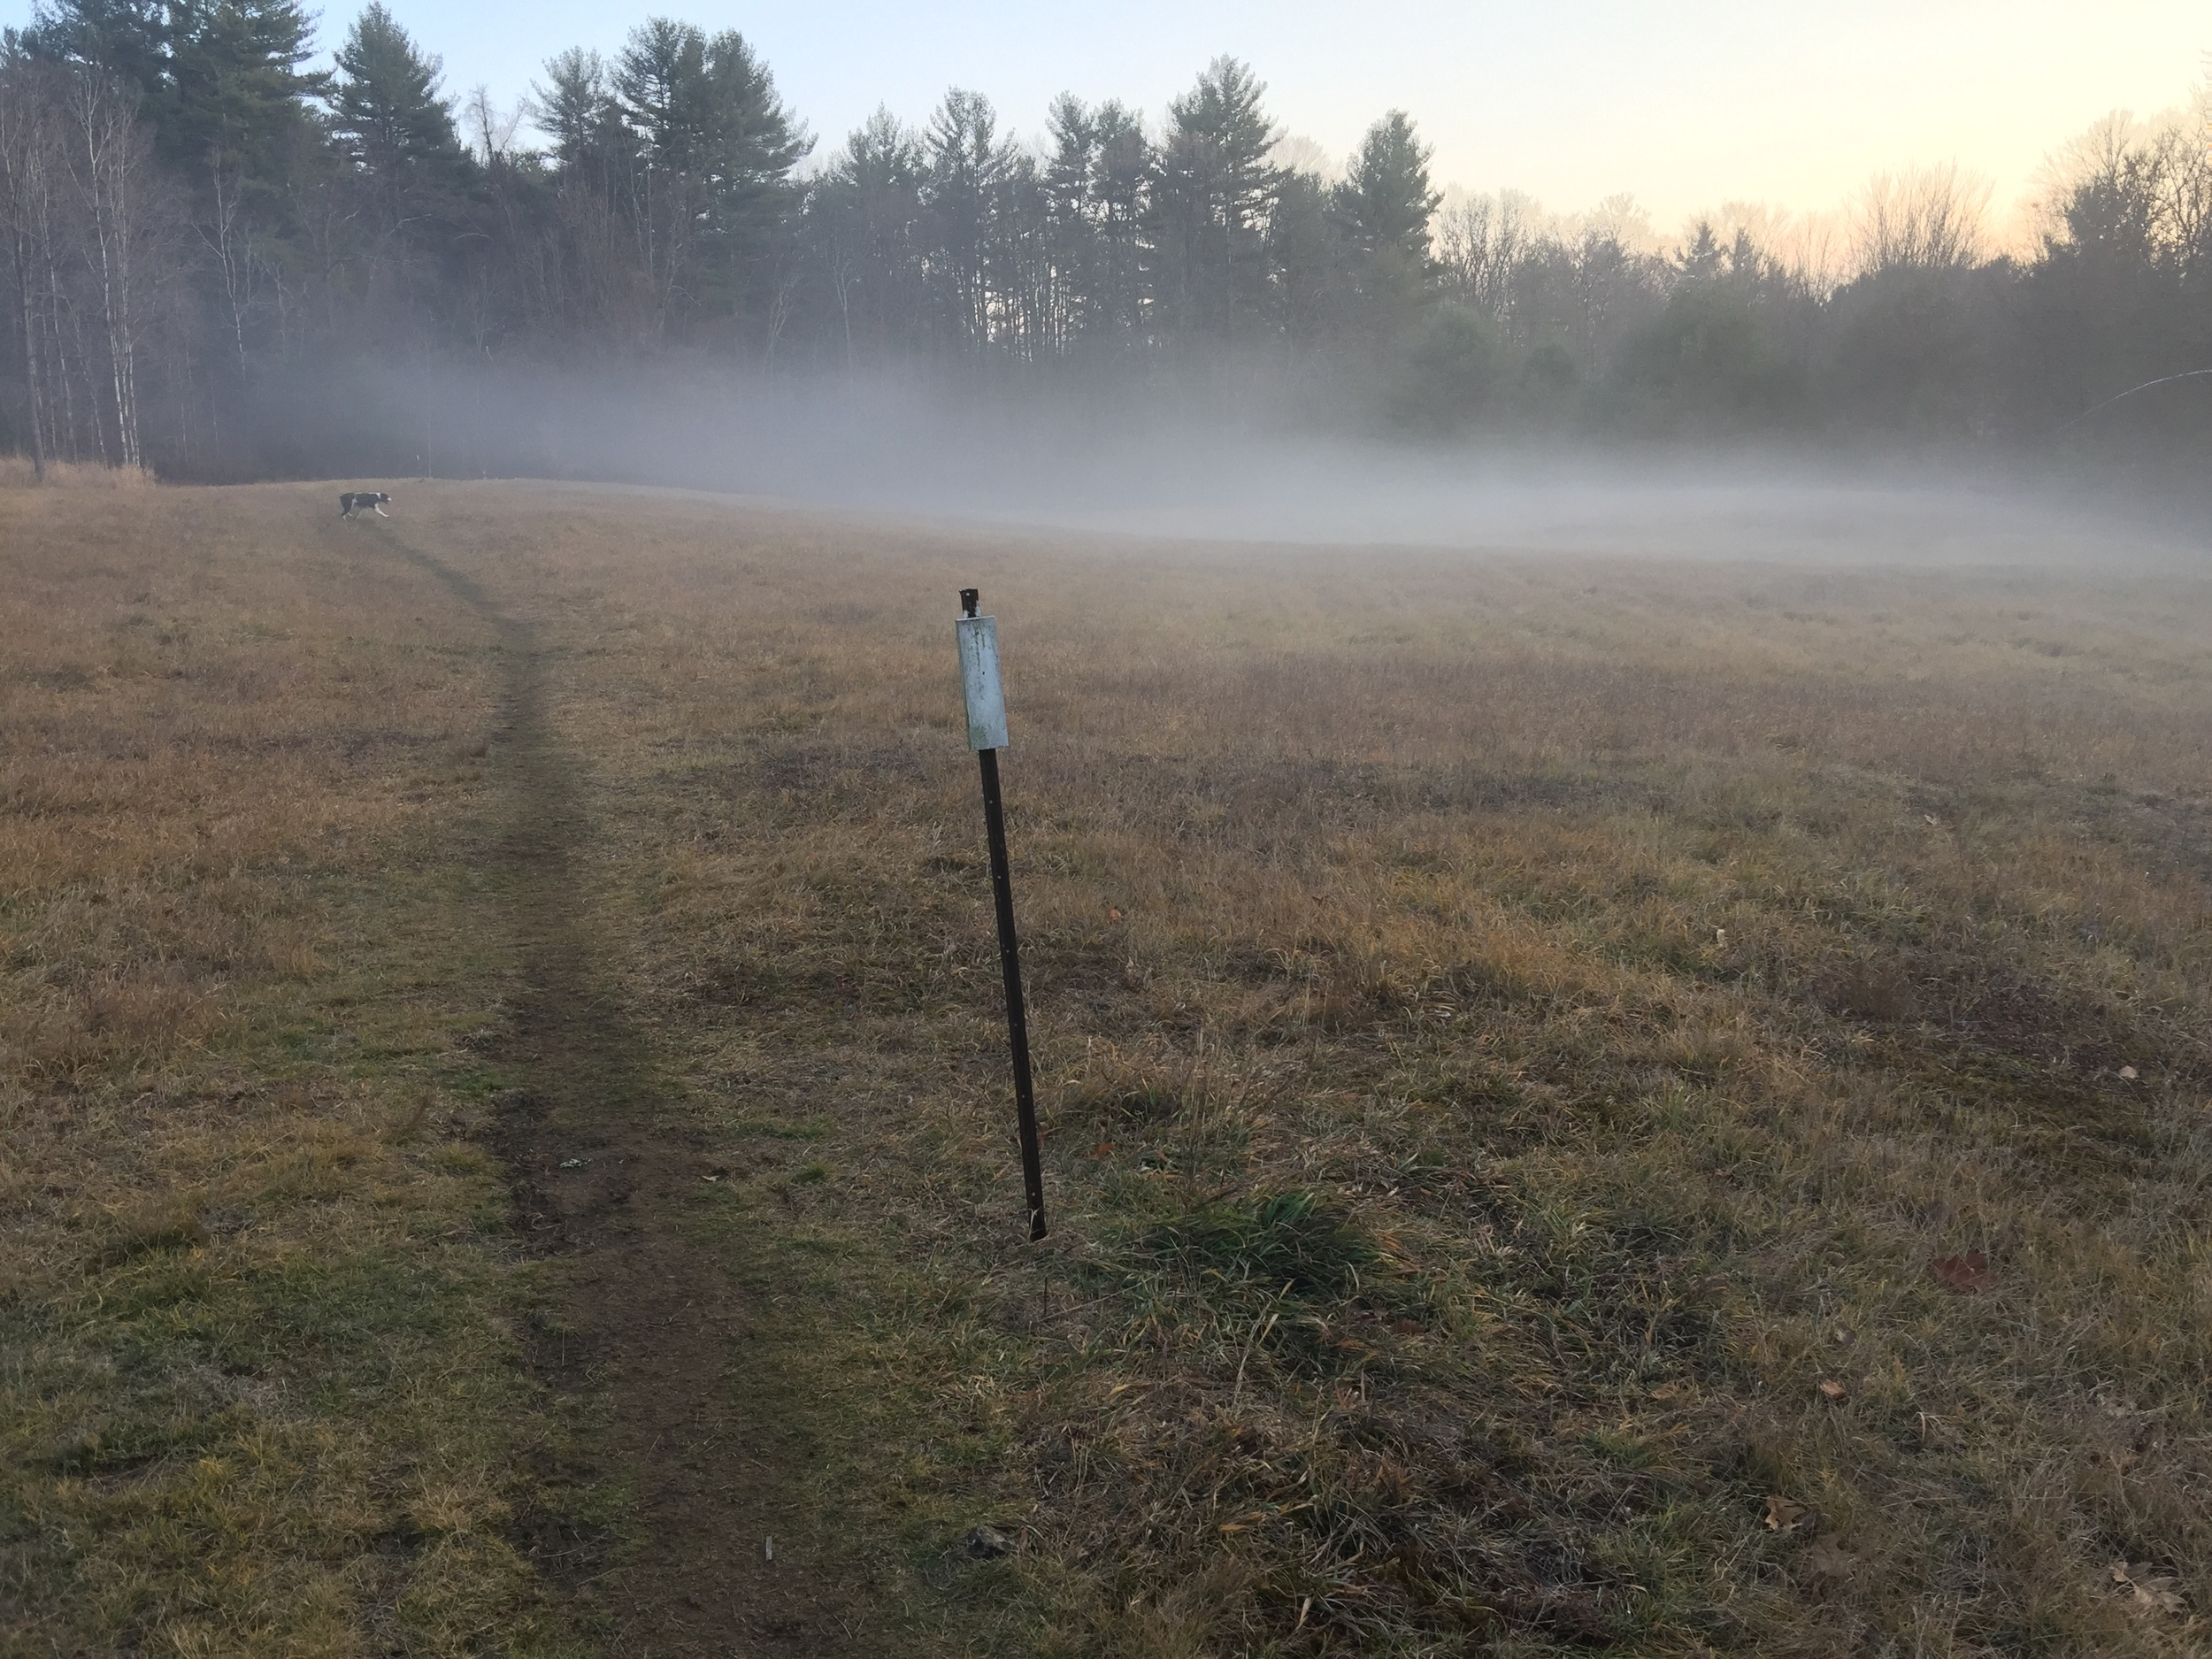 Fog settles in on a field